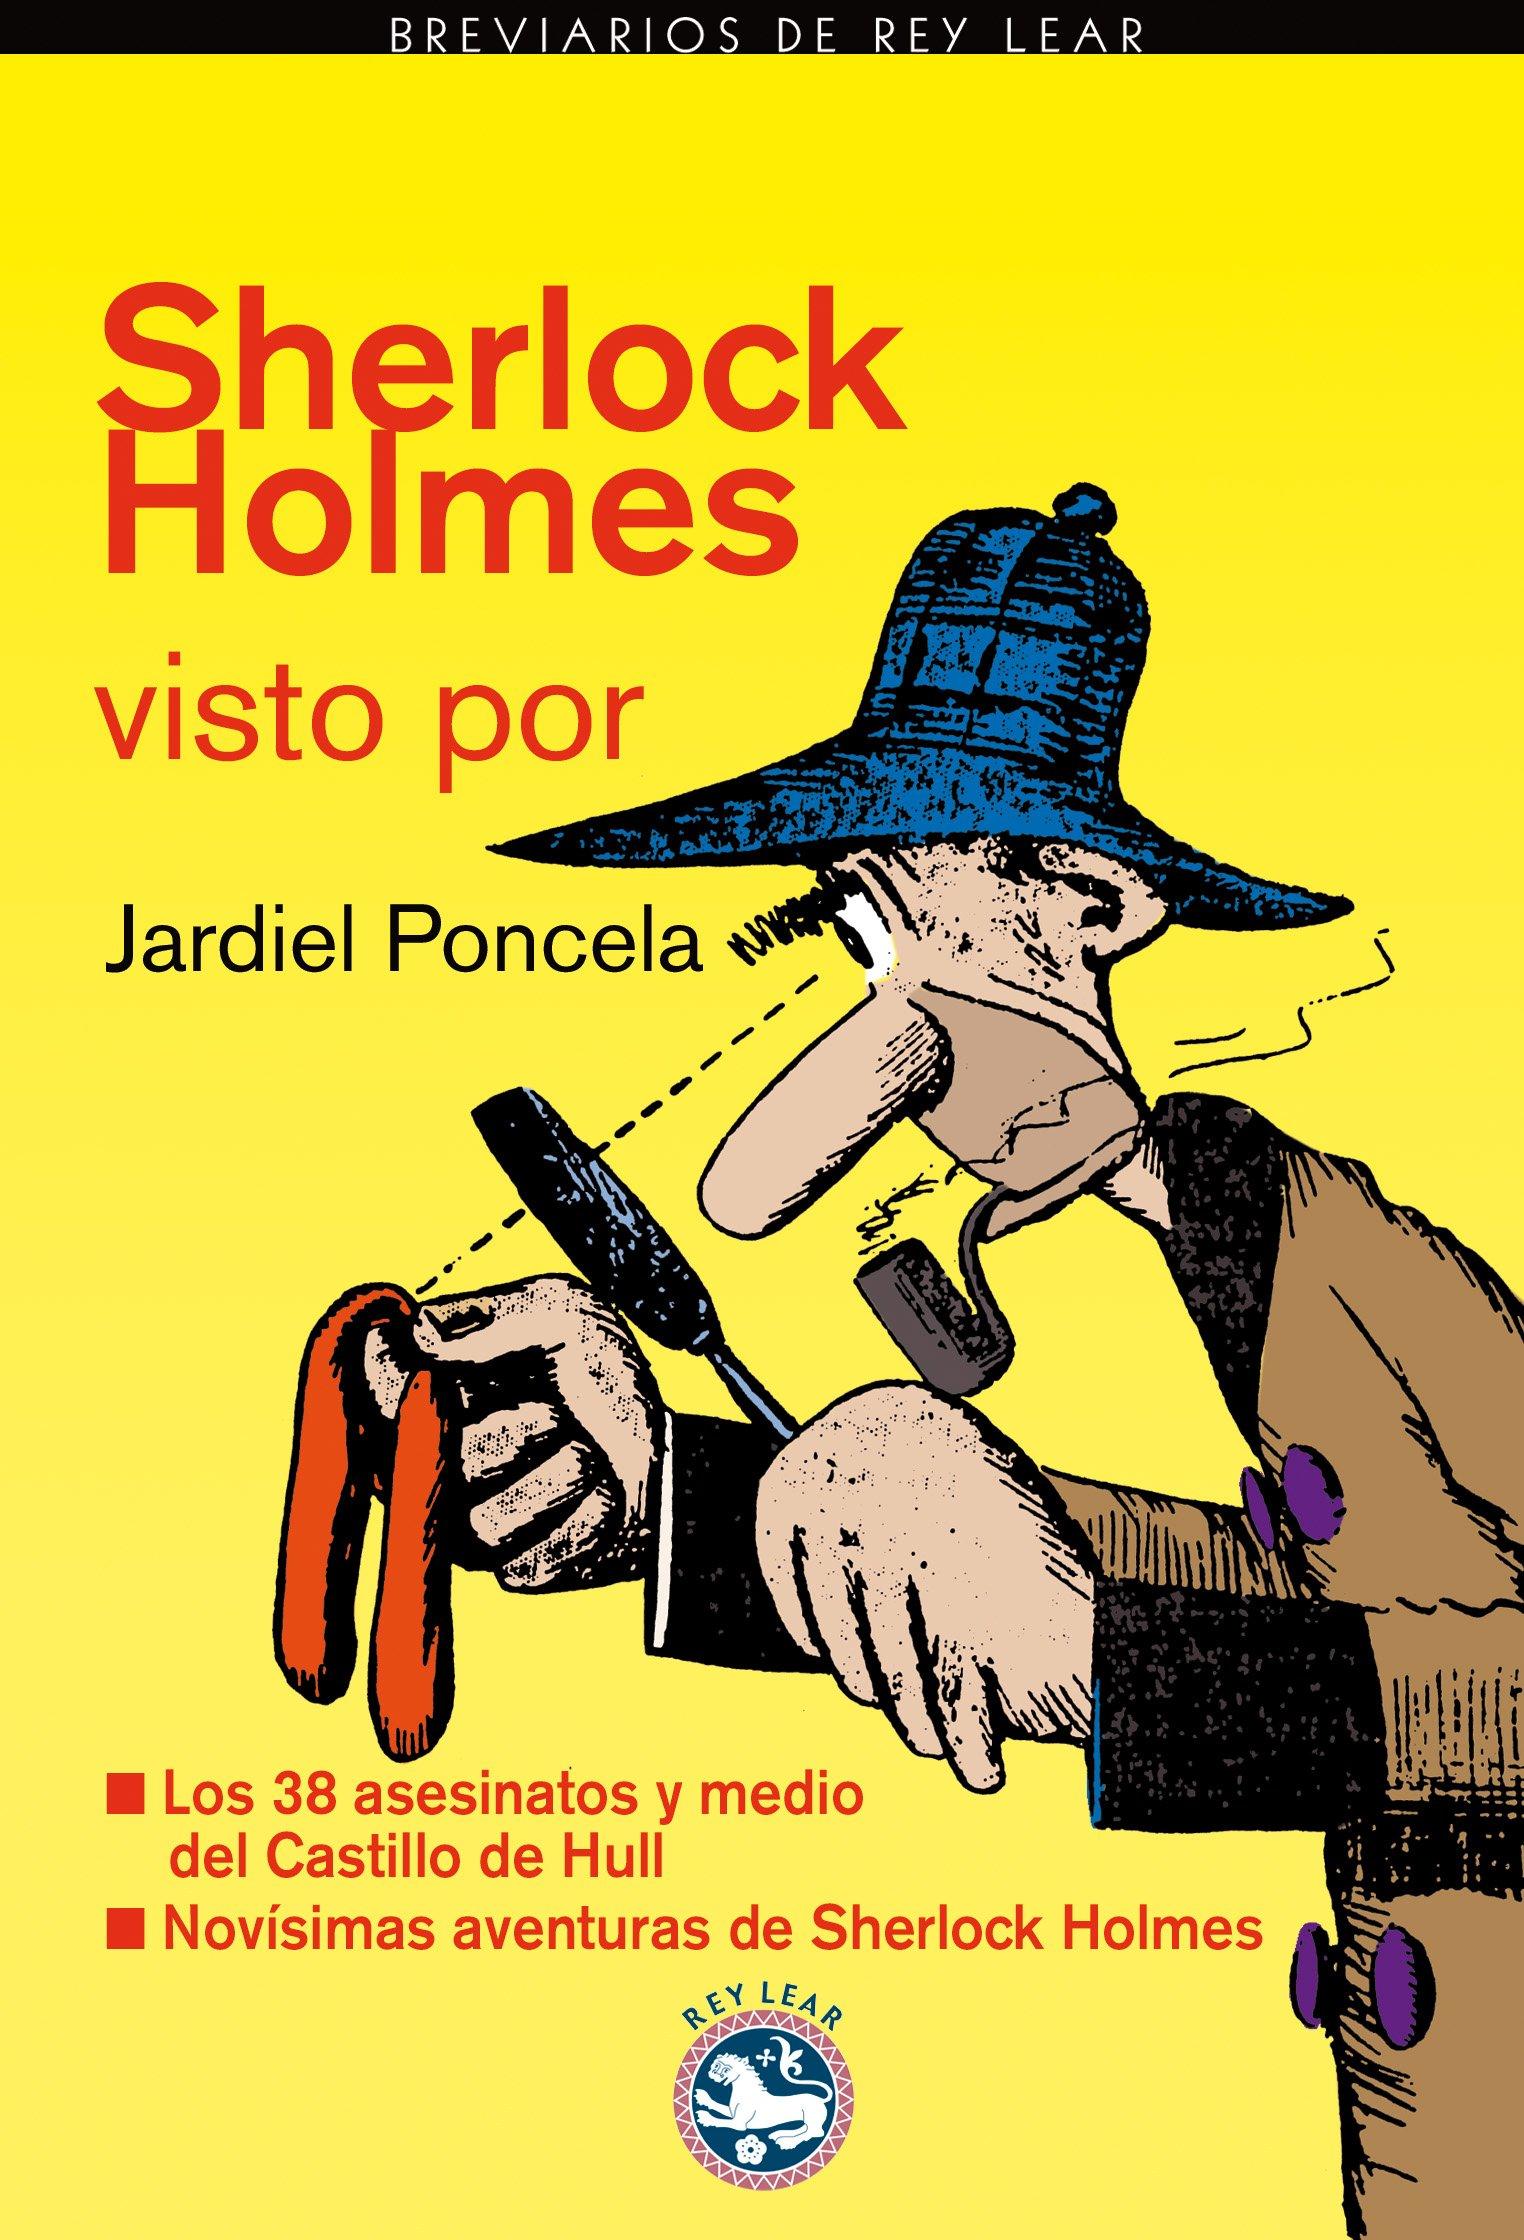 Pack Sherlock Holmes Visto Por Ja (Breviarios): Amazon.es: Jardiel Poncela, Enrique: Libros